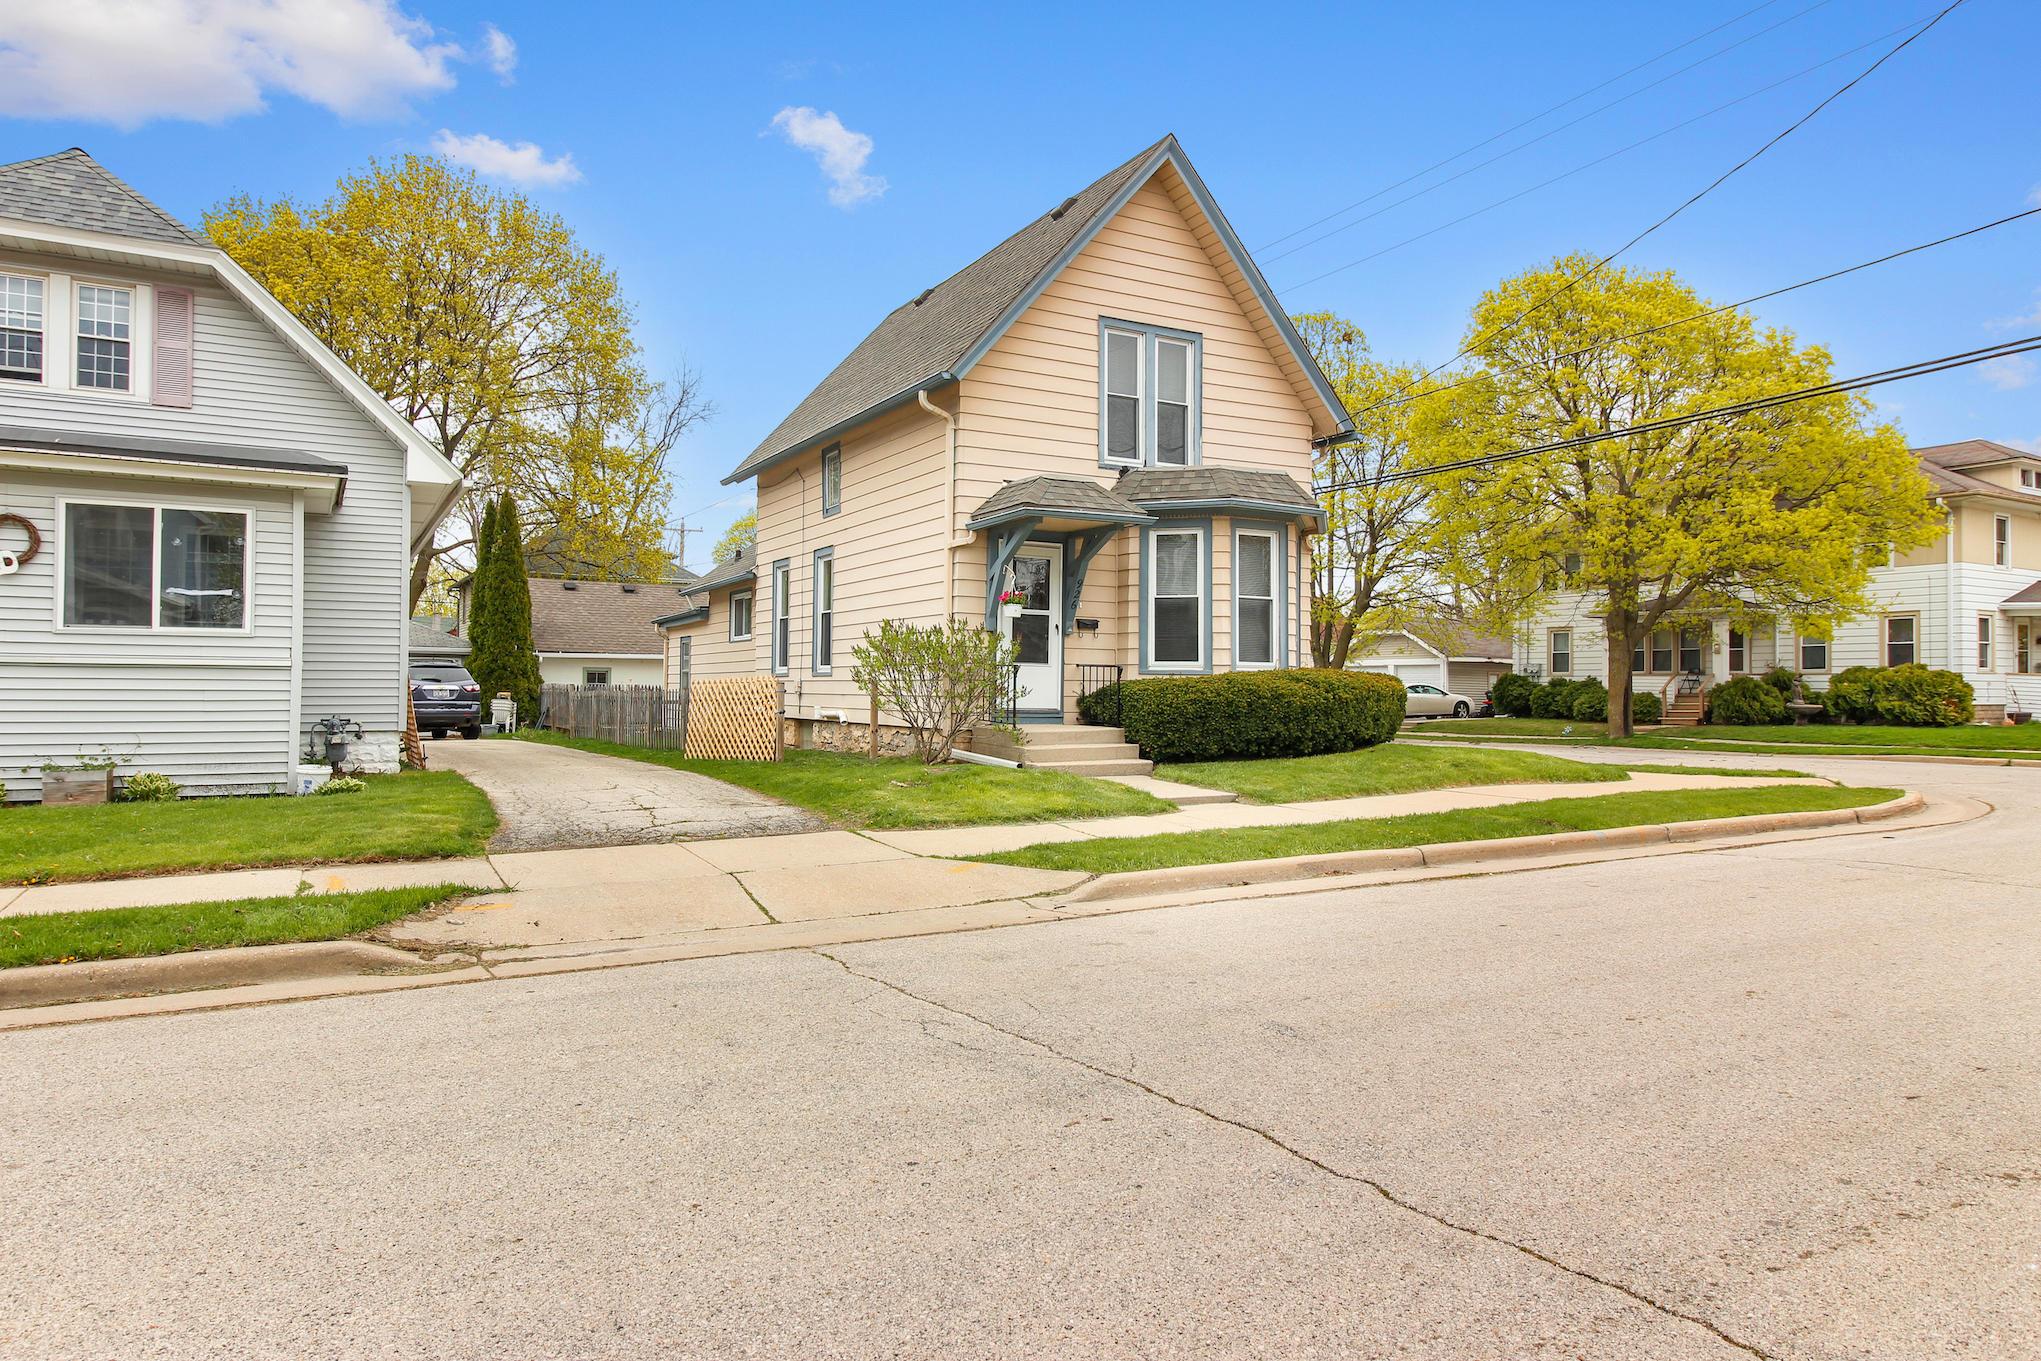 926 Linden St, Waukesha, Wisconsin 53186, 3 Bedrooms Bedrooms, 6 Rooms Rooms,1 BathroomBathrooms,Single-Family,For Sale,Linden St,1686809